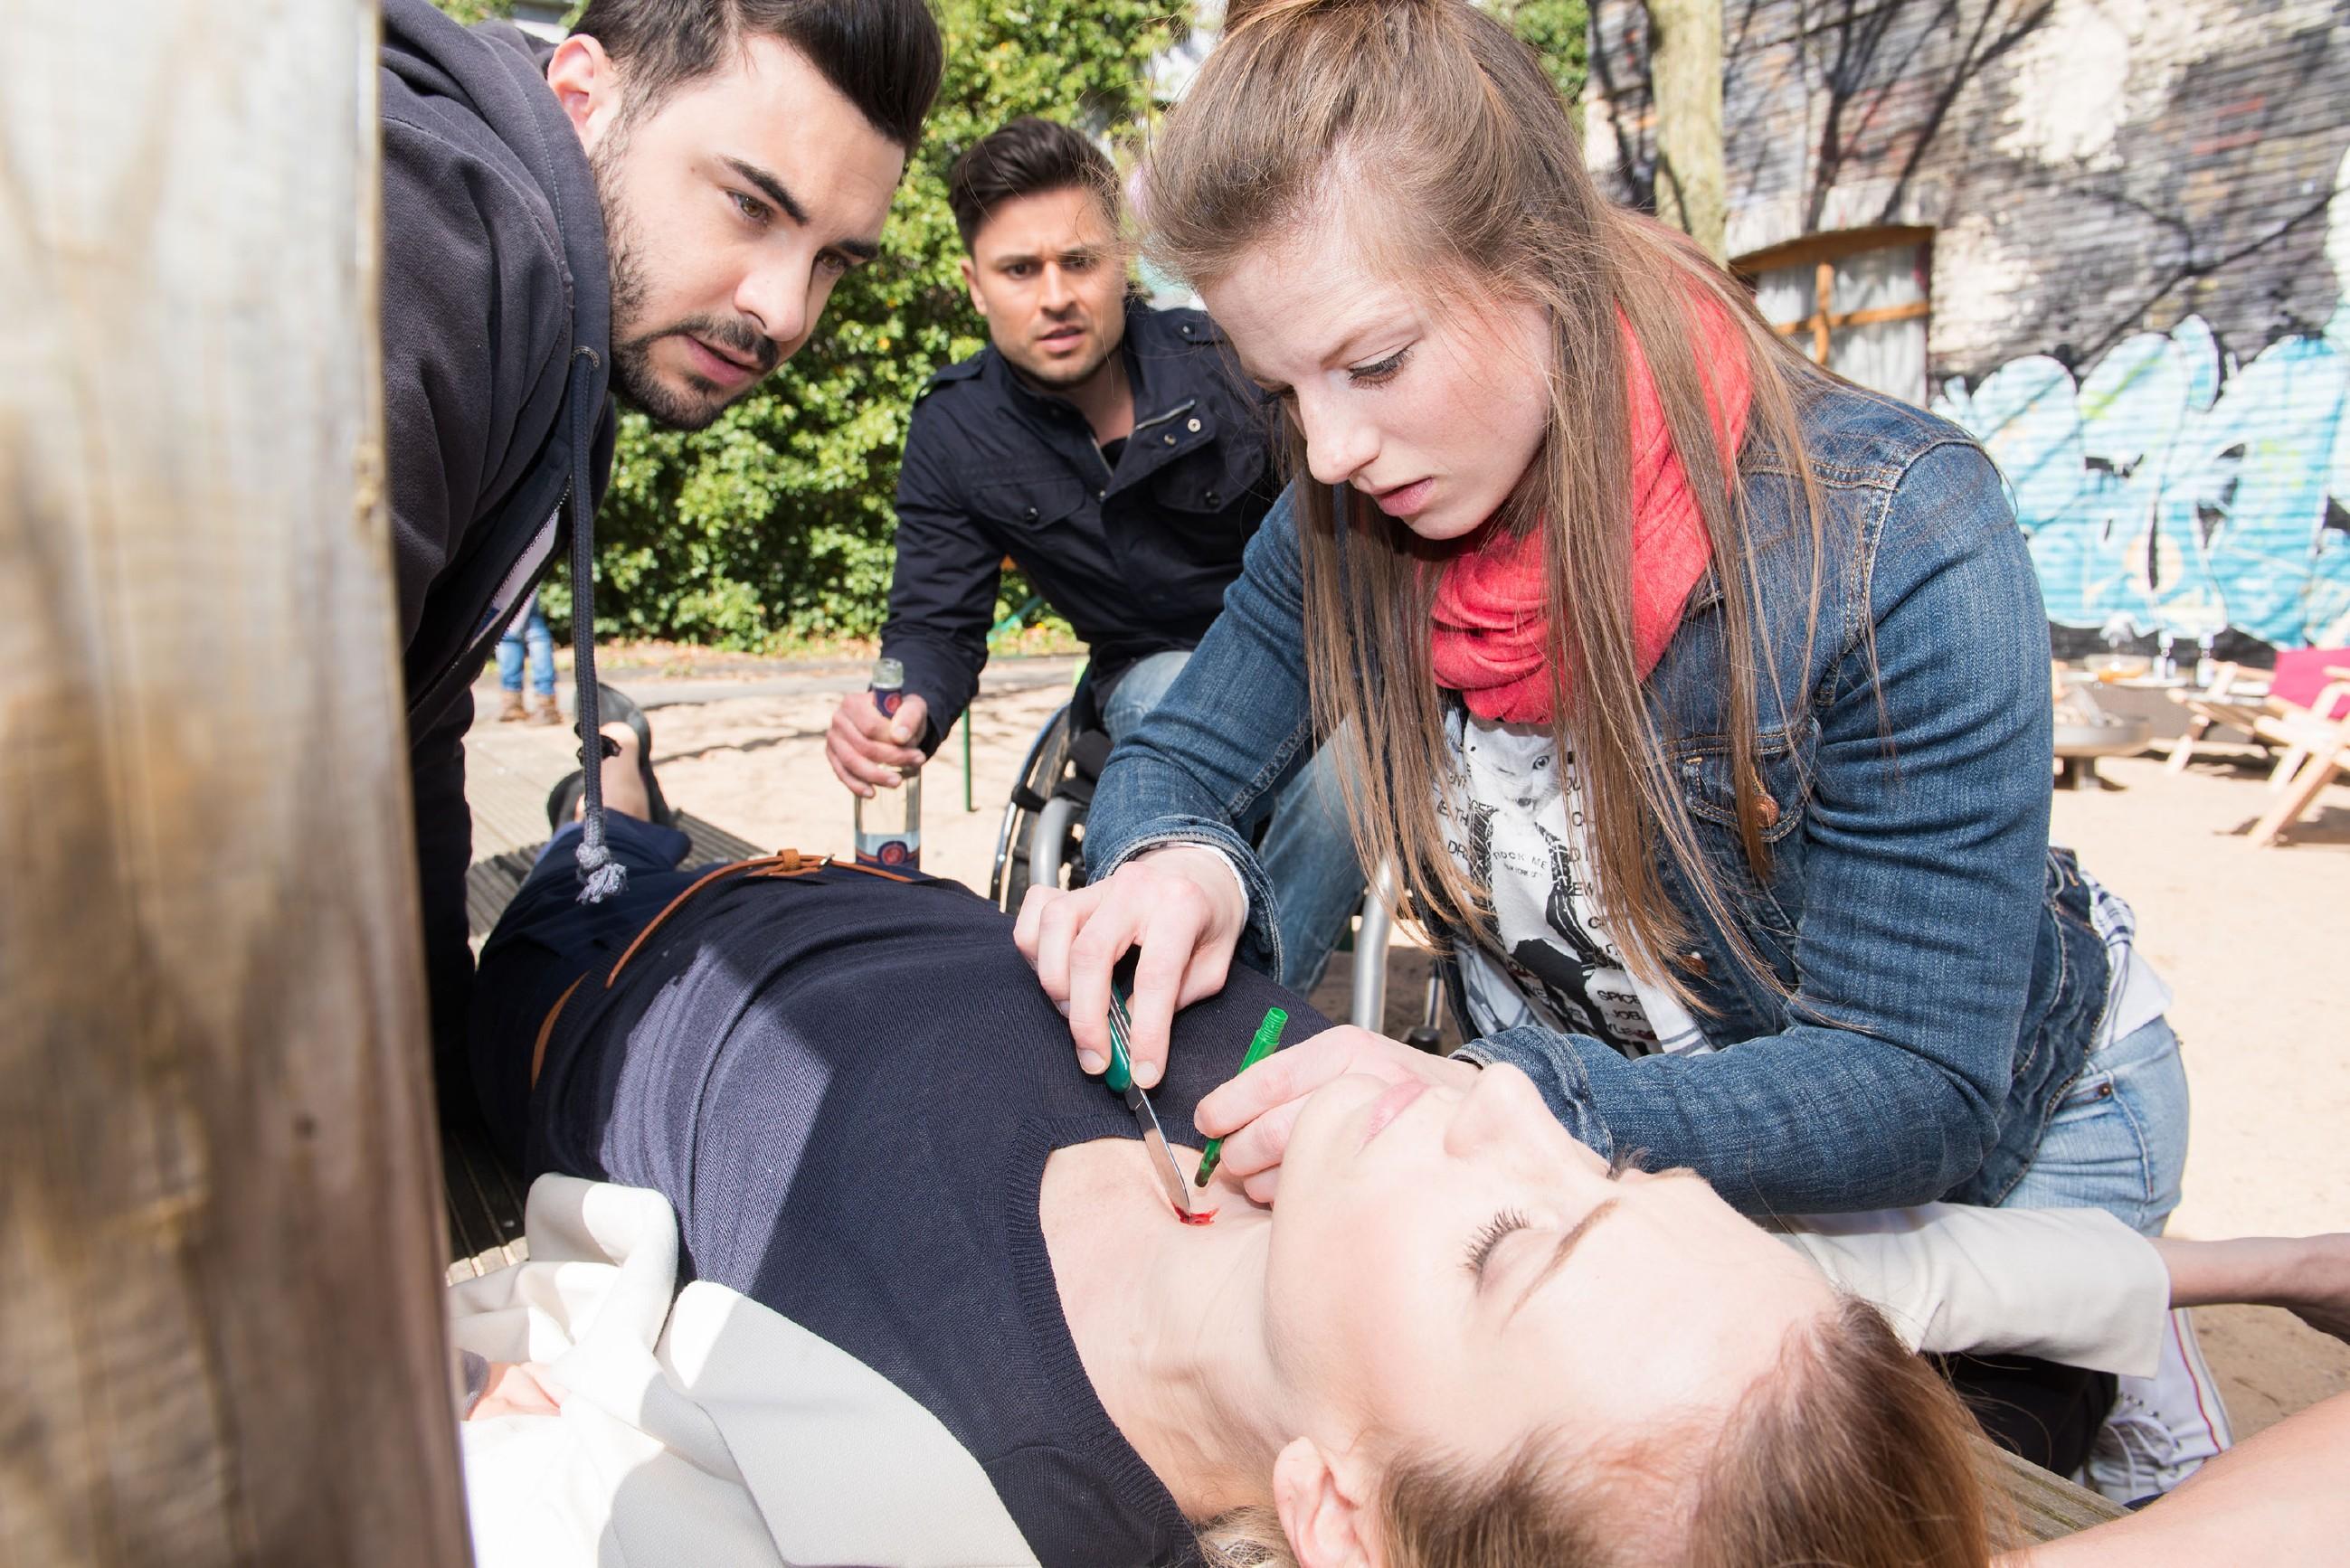 Easy (Lars Steinhöfel, l.) und Paco (Milos Vukovic) beobachten gebannt, wie Elli (Nora Koppen, r.) ihre Ängste besiegt und Andrea (Kristin Meyer) mit einem Luftröhrenschnitt das Leben rettet... (Quelle RTL / Stefan Behrens)